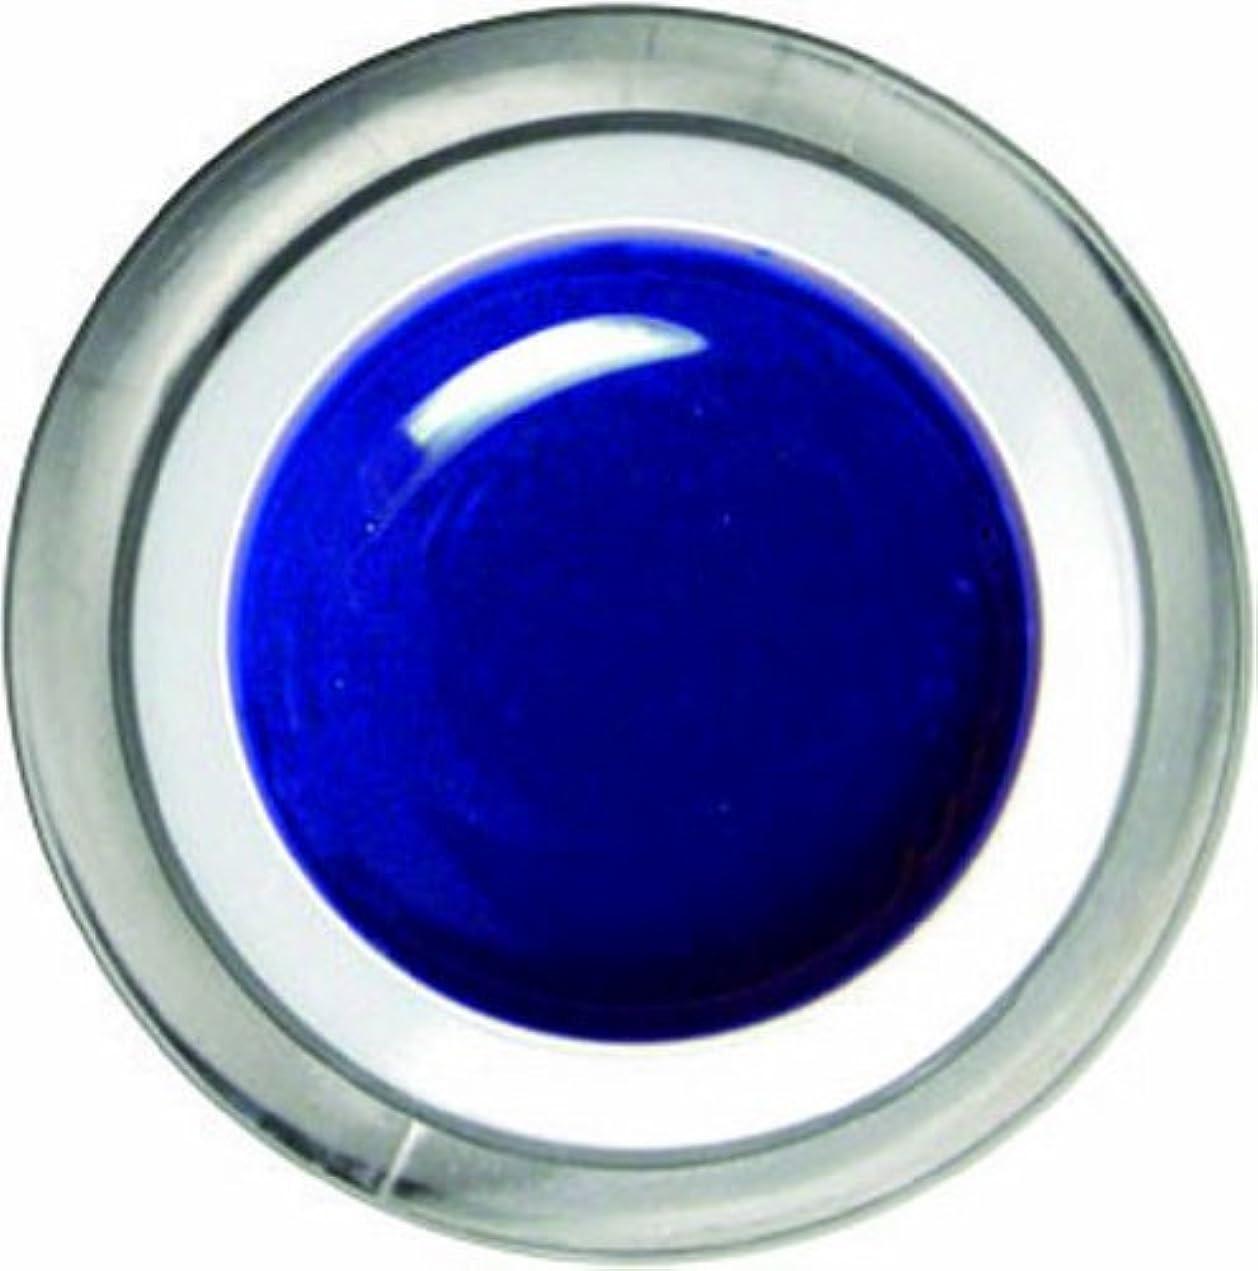 不愉快温度加速するメロディコ メロディコジェル #16ブルー